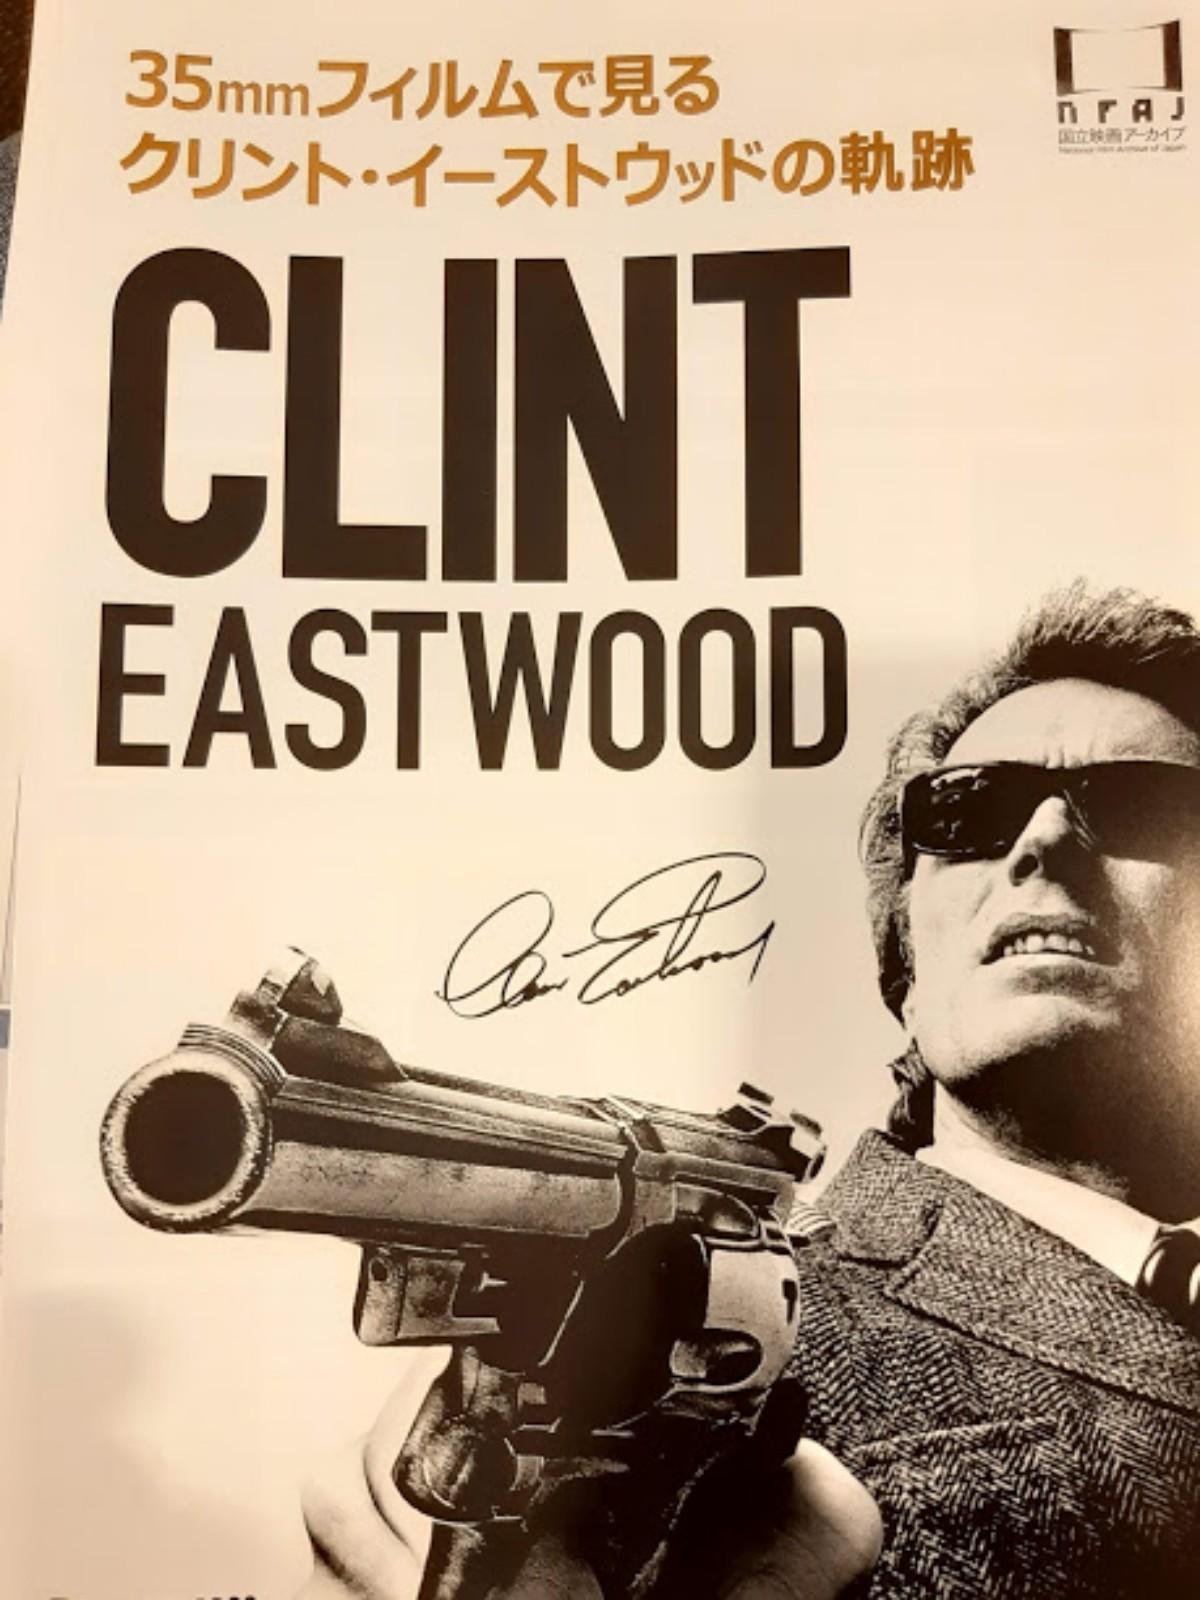 35mmフィルムで見るクリント・イーストウッドのチラシポスター